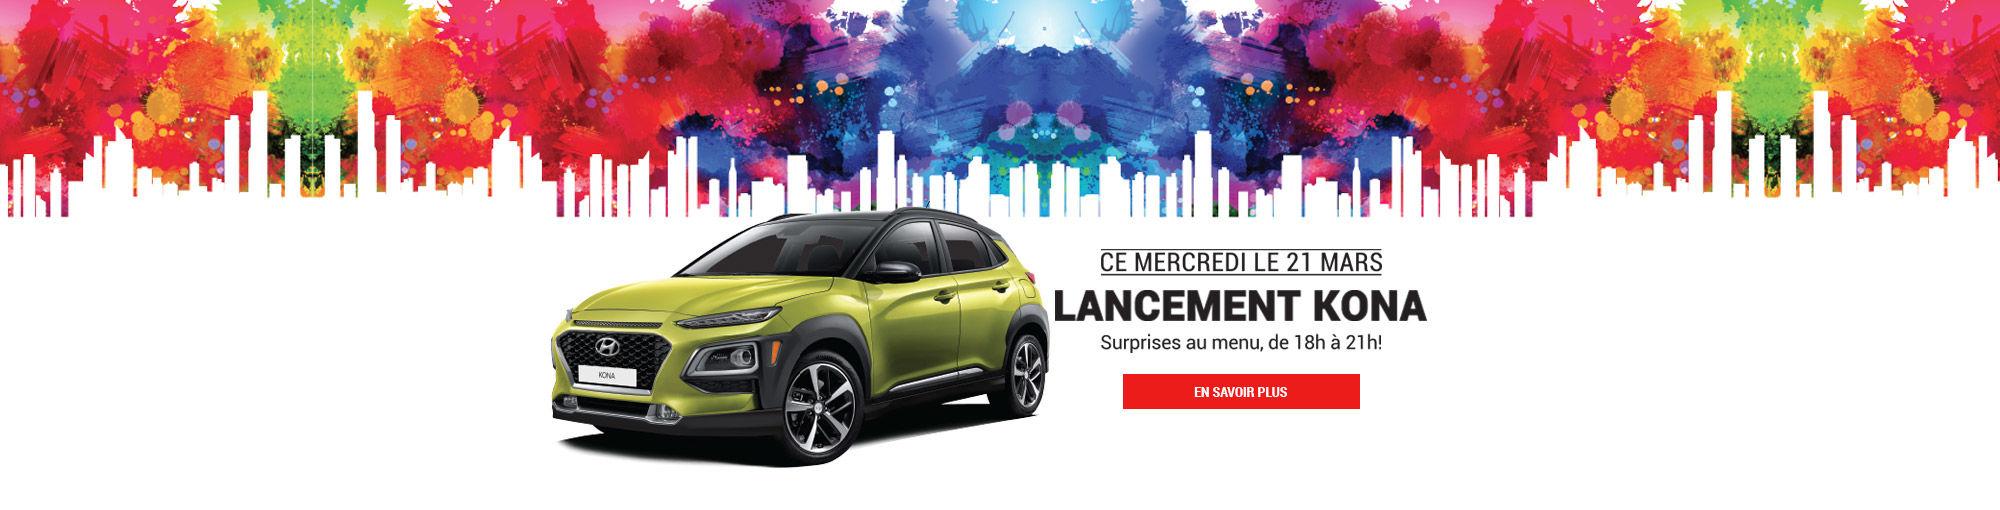 Hyundai Trois-Rivières Nouveau Kona 2018 Lancement Main Header Mars 2018